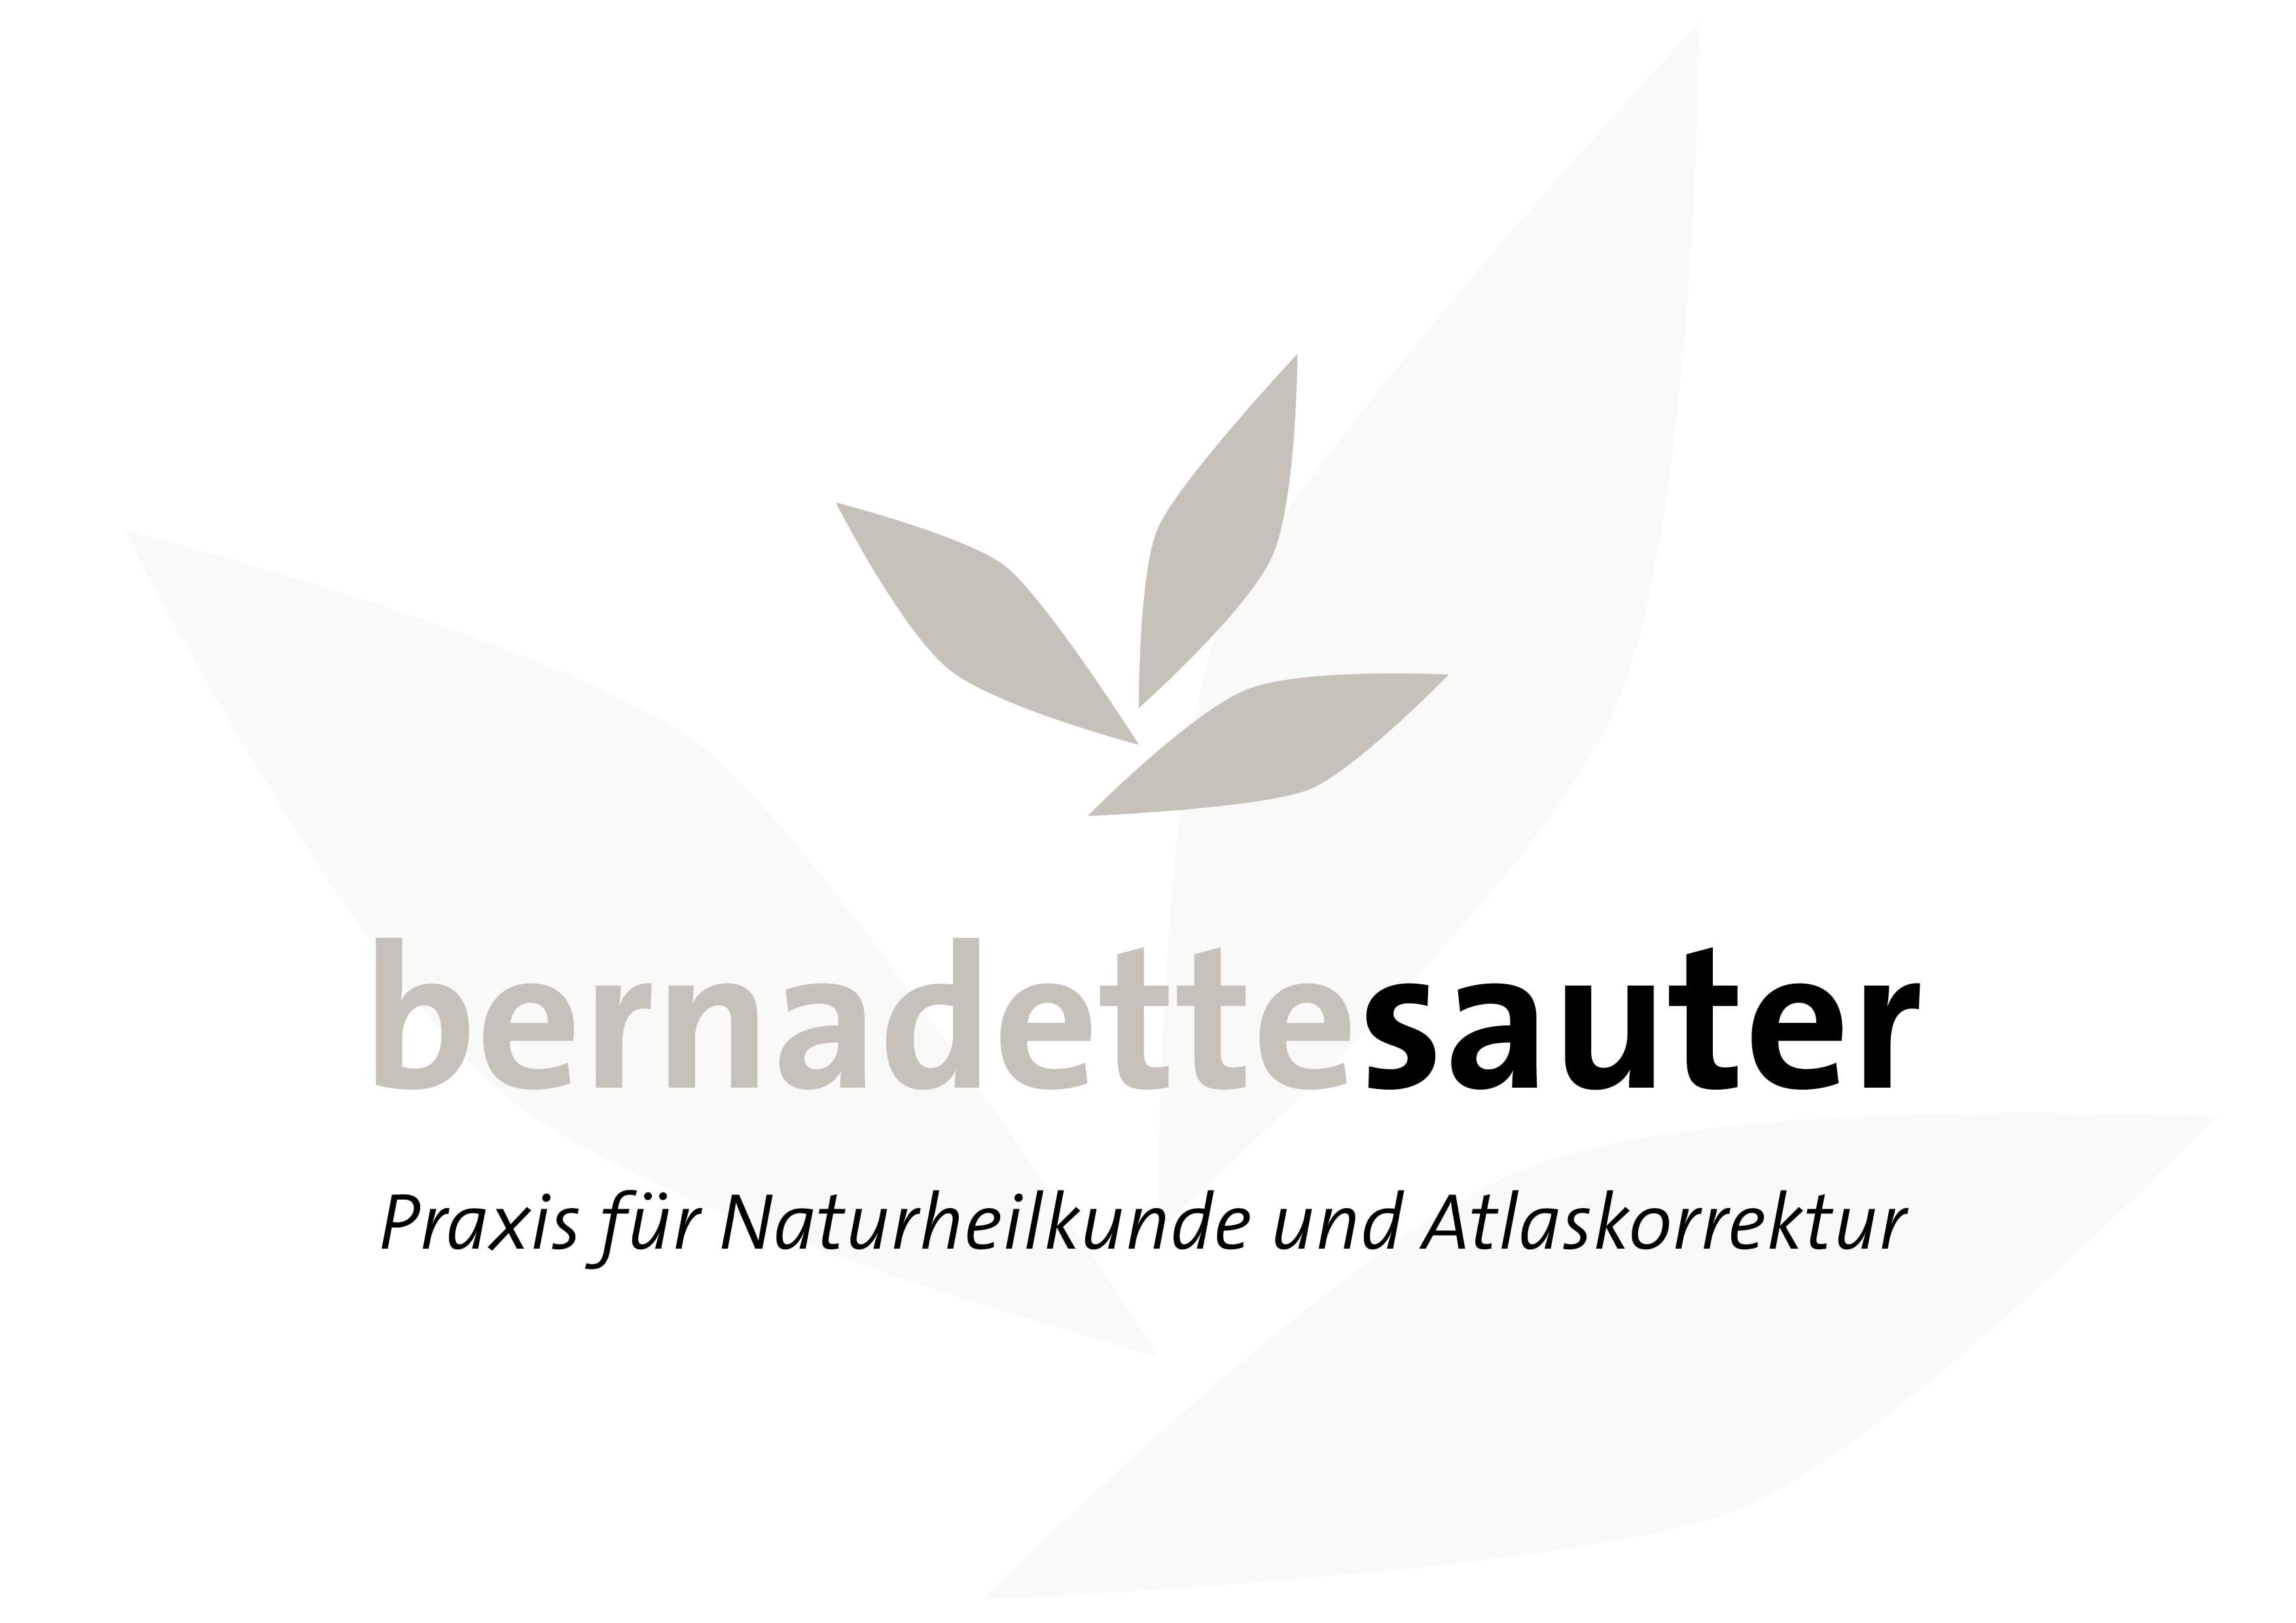 Logo Entwicklung und Programmierung Homepage für Bernadette Sauter, Praxis für Naturheilkunde und Atlaskorrekturdurch Grafik-Designer Ronald Wissler